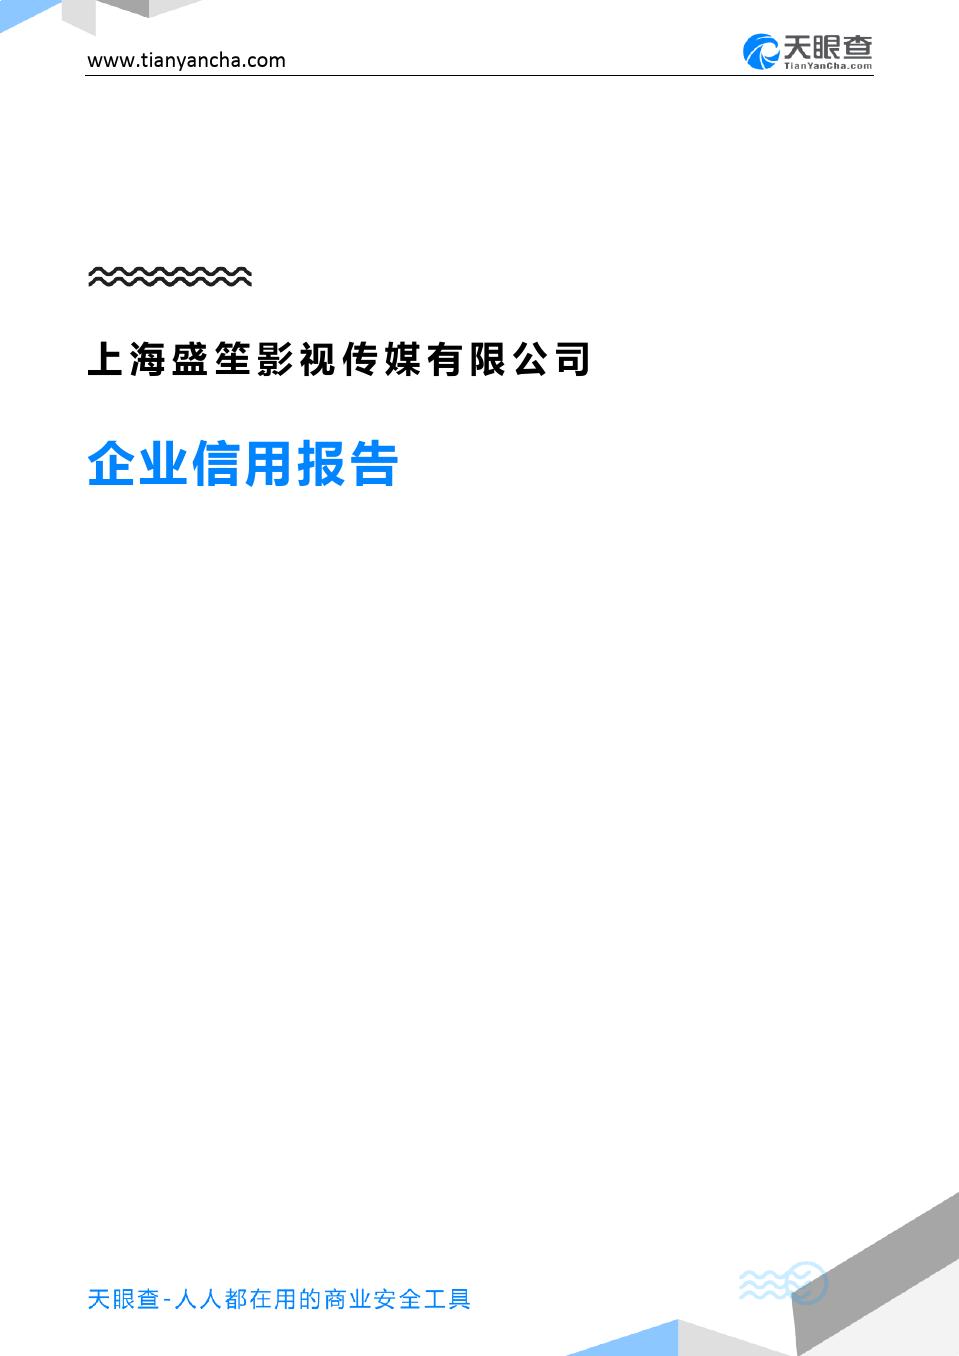 上海盛笙影视传媒有限公司(企业信用报告)- 天眼查